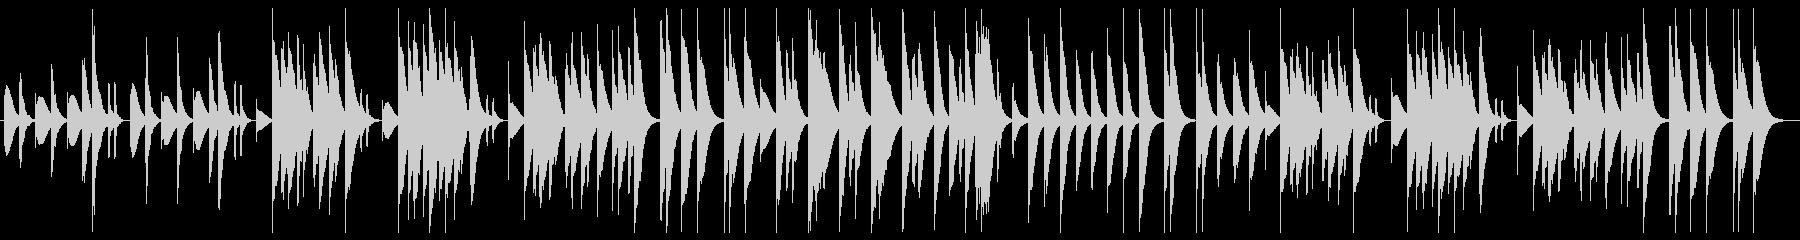 ほのぼのとしたマリンバの未再生の波形